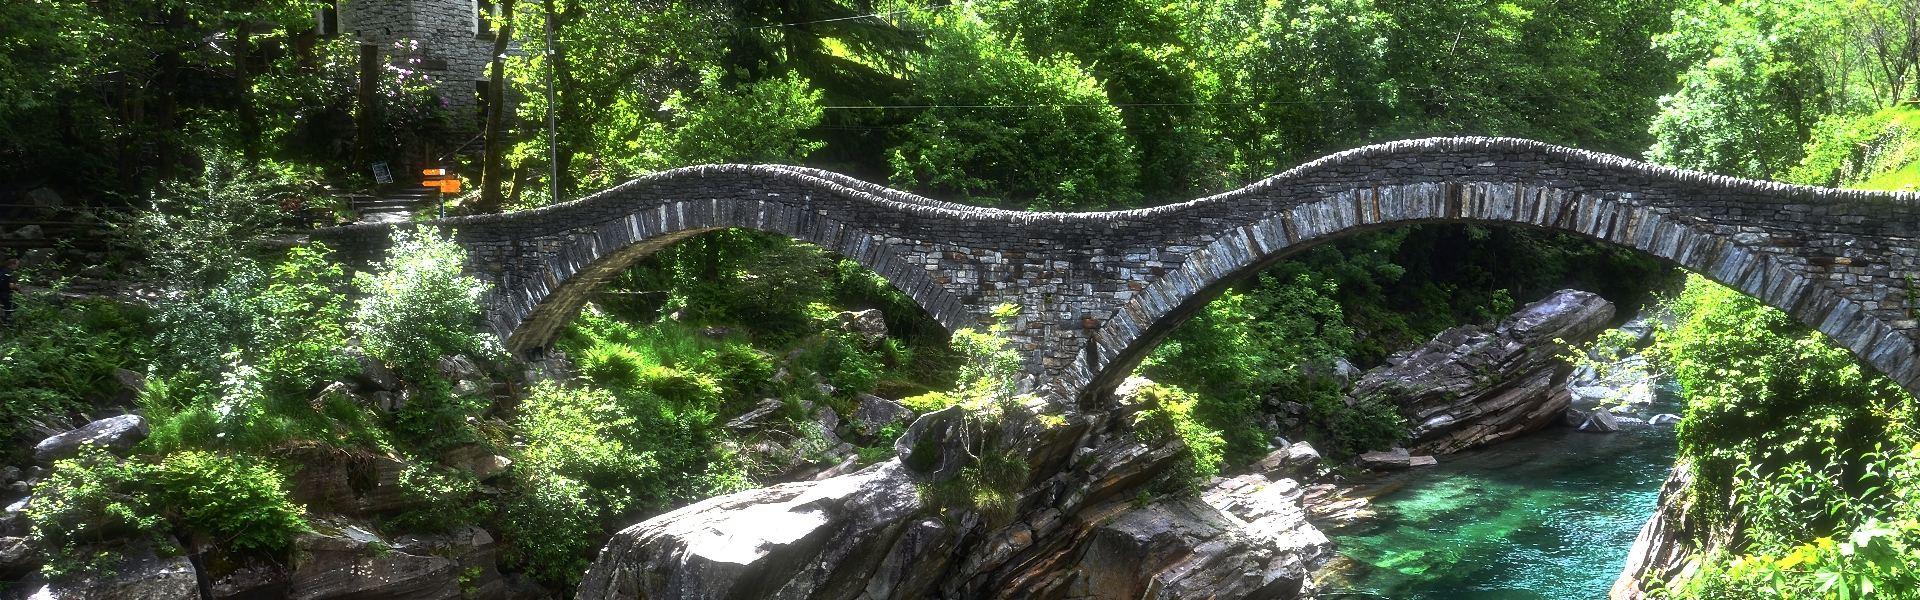 geschwungene Brücken aus Stein, darunter Wasser